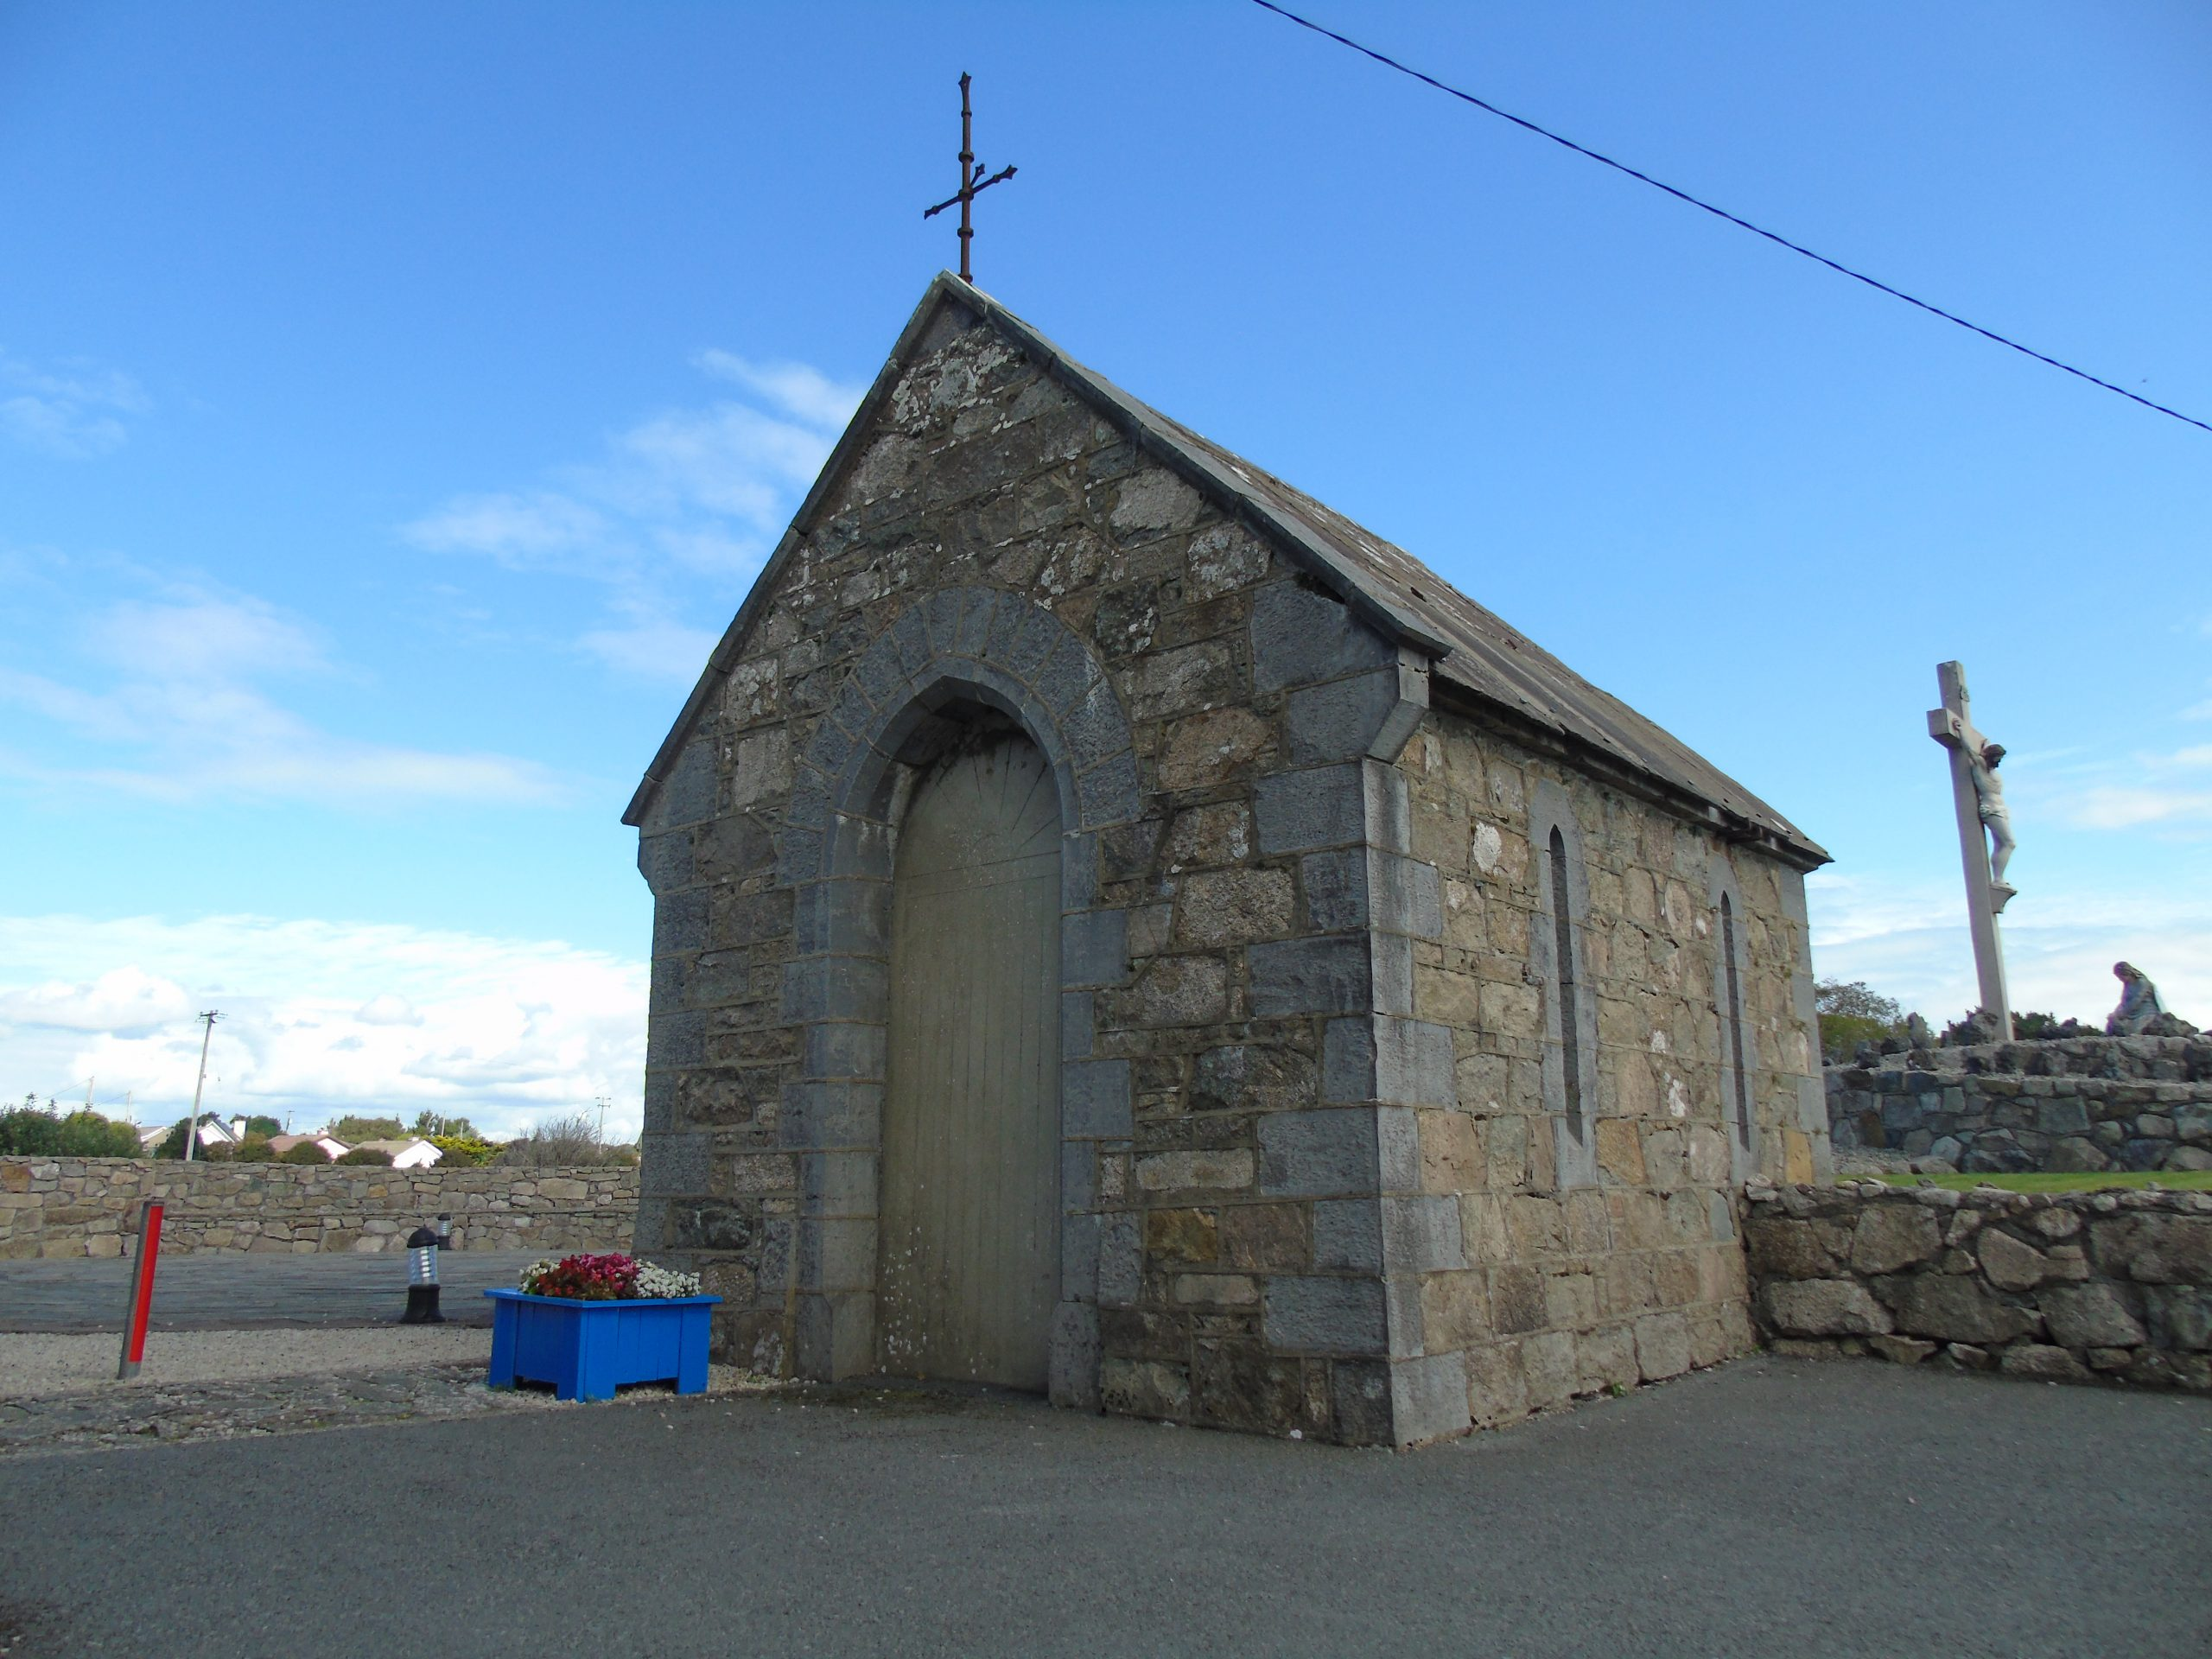 Blake Mausoleum in Galway - Visit Galway